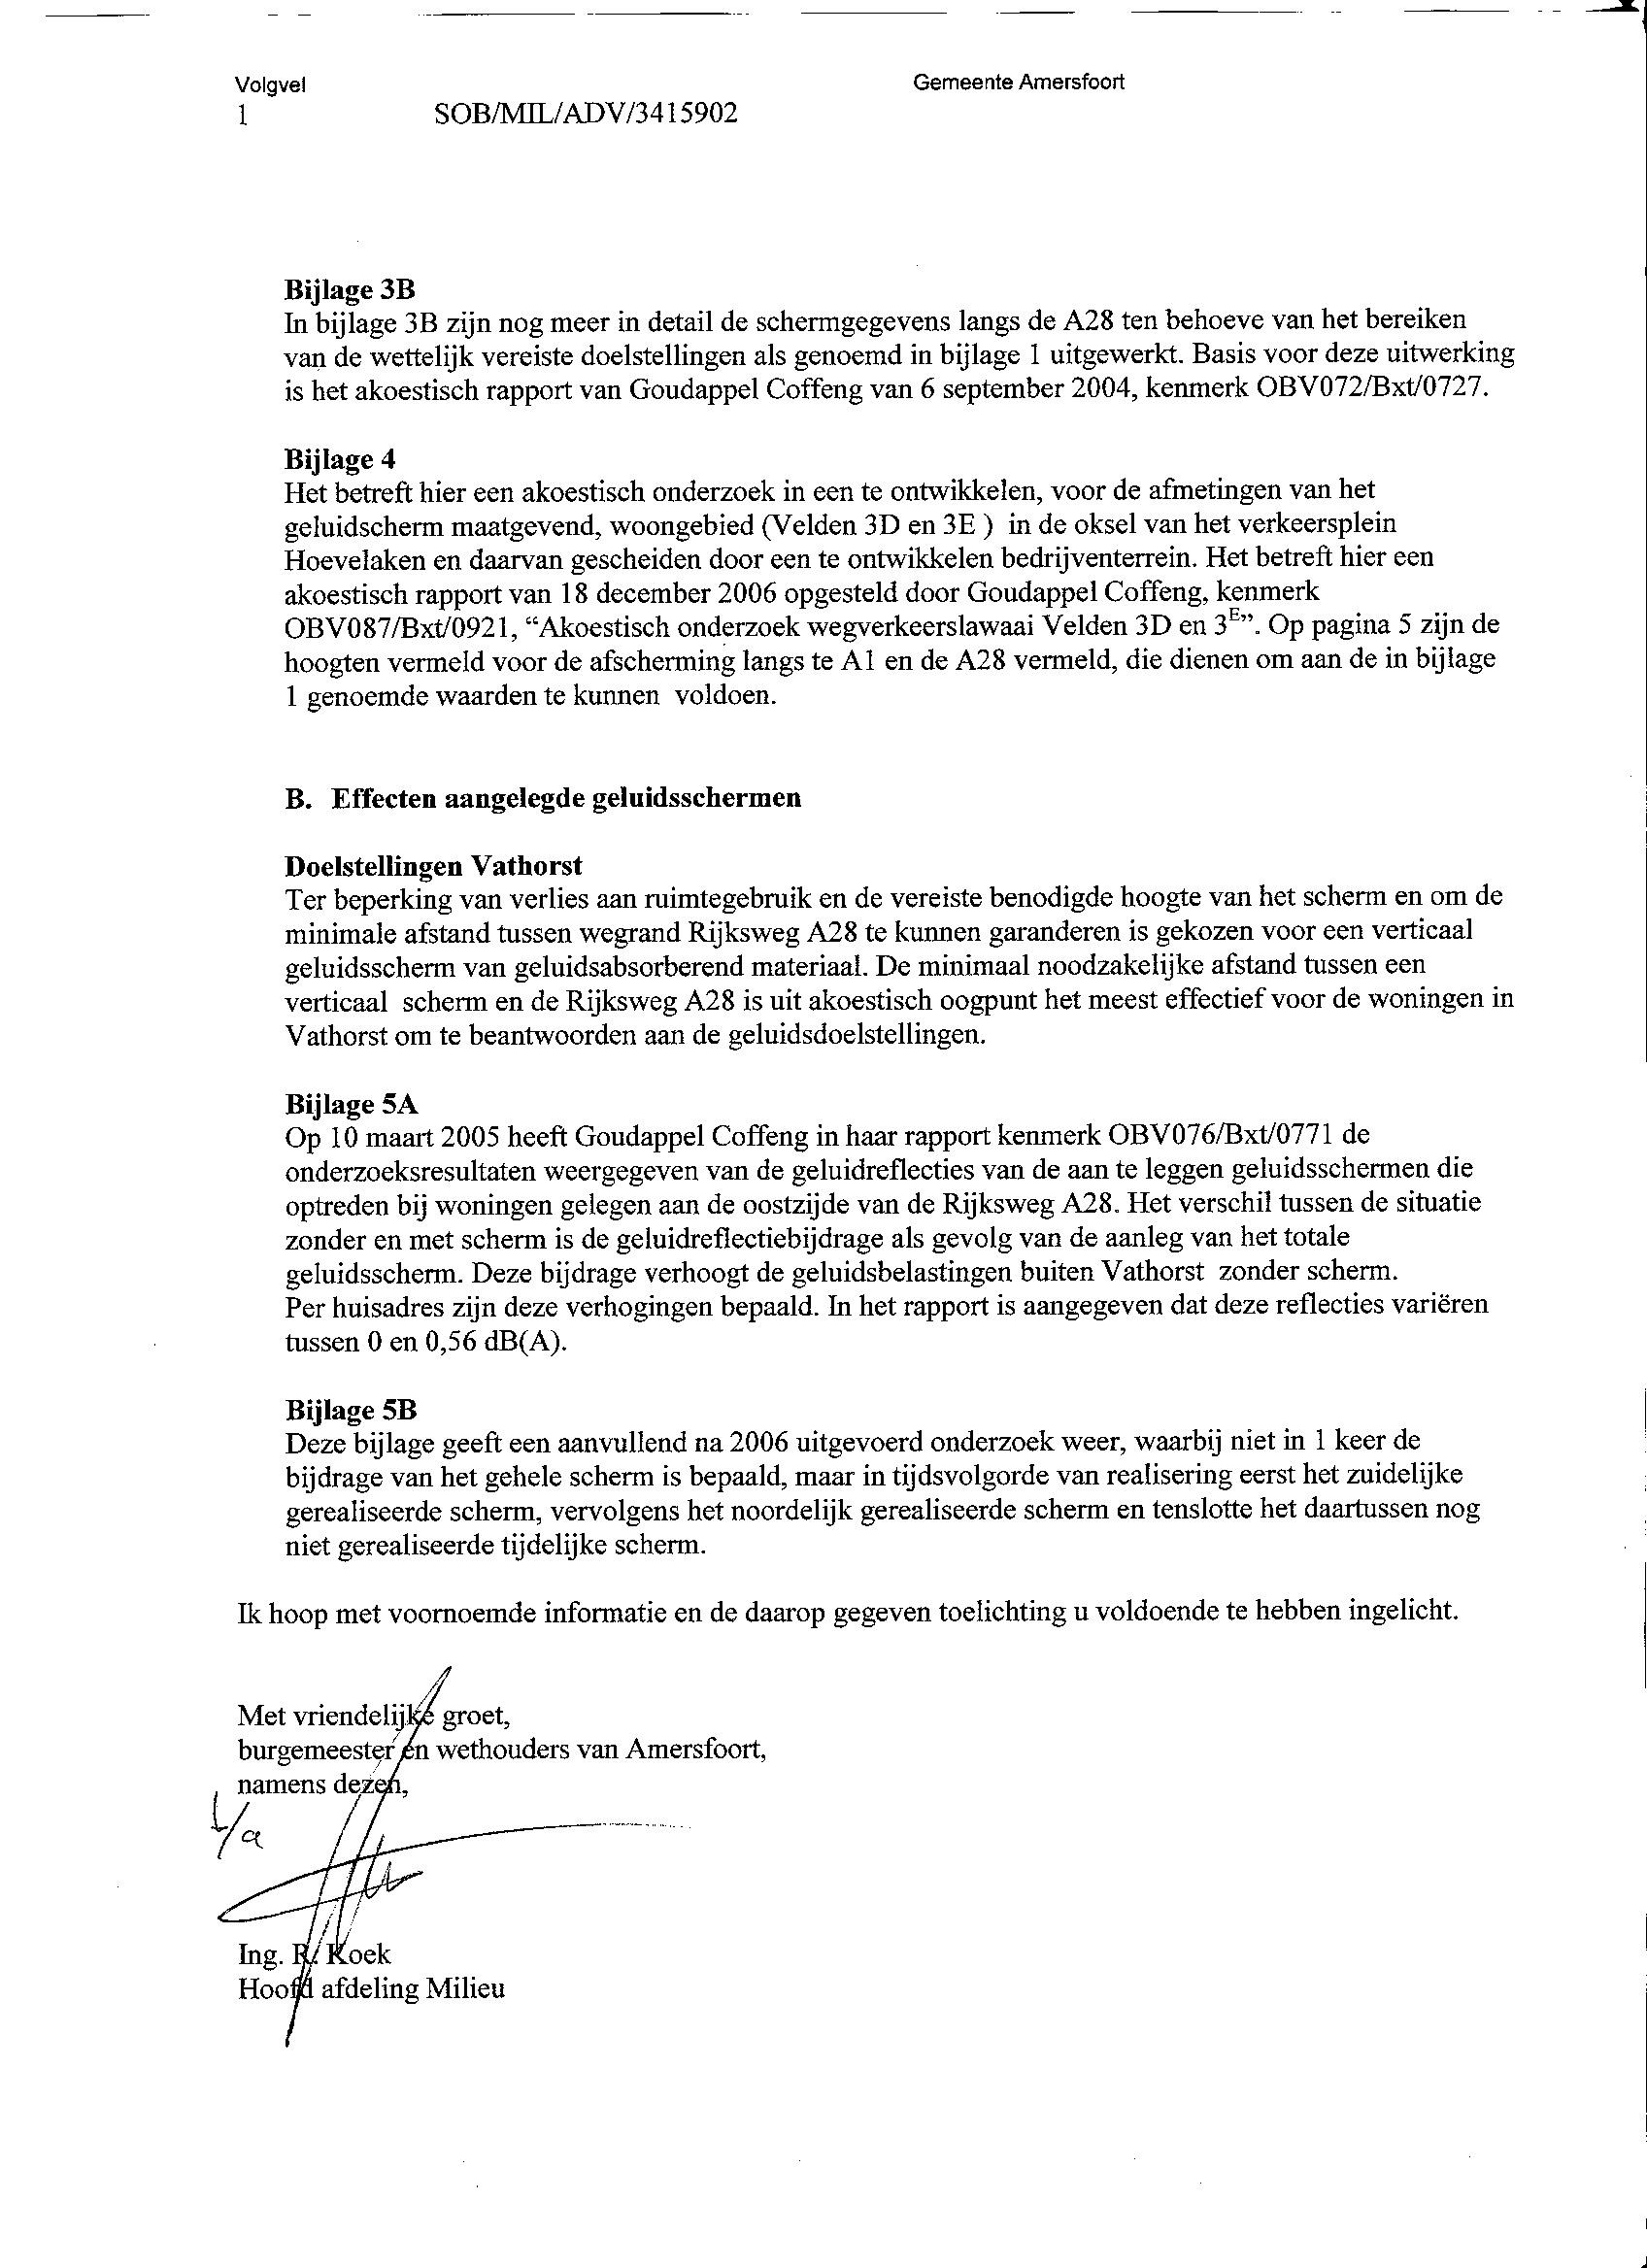 Afsluiting Brief | hetmakershuis